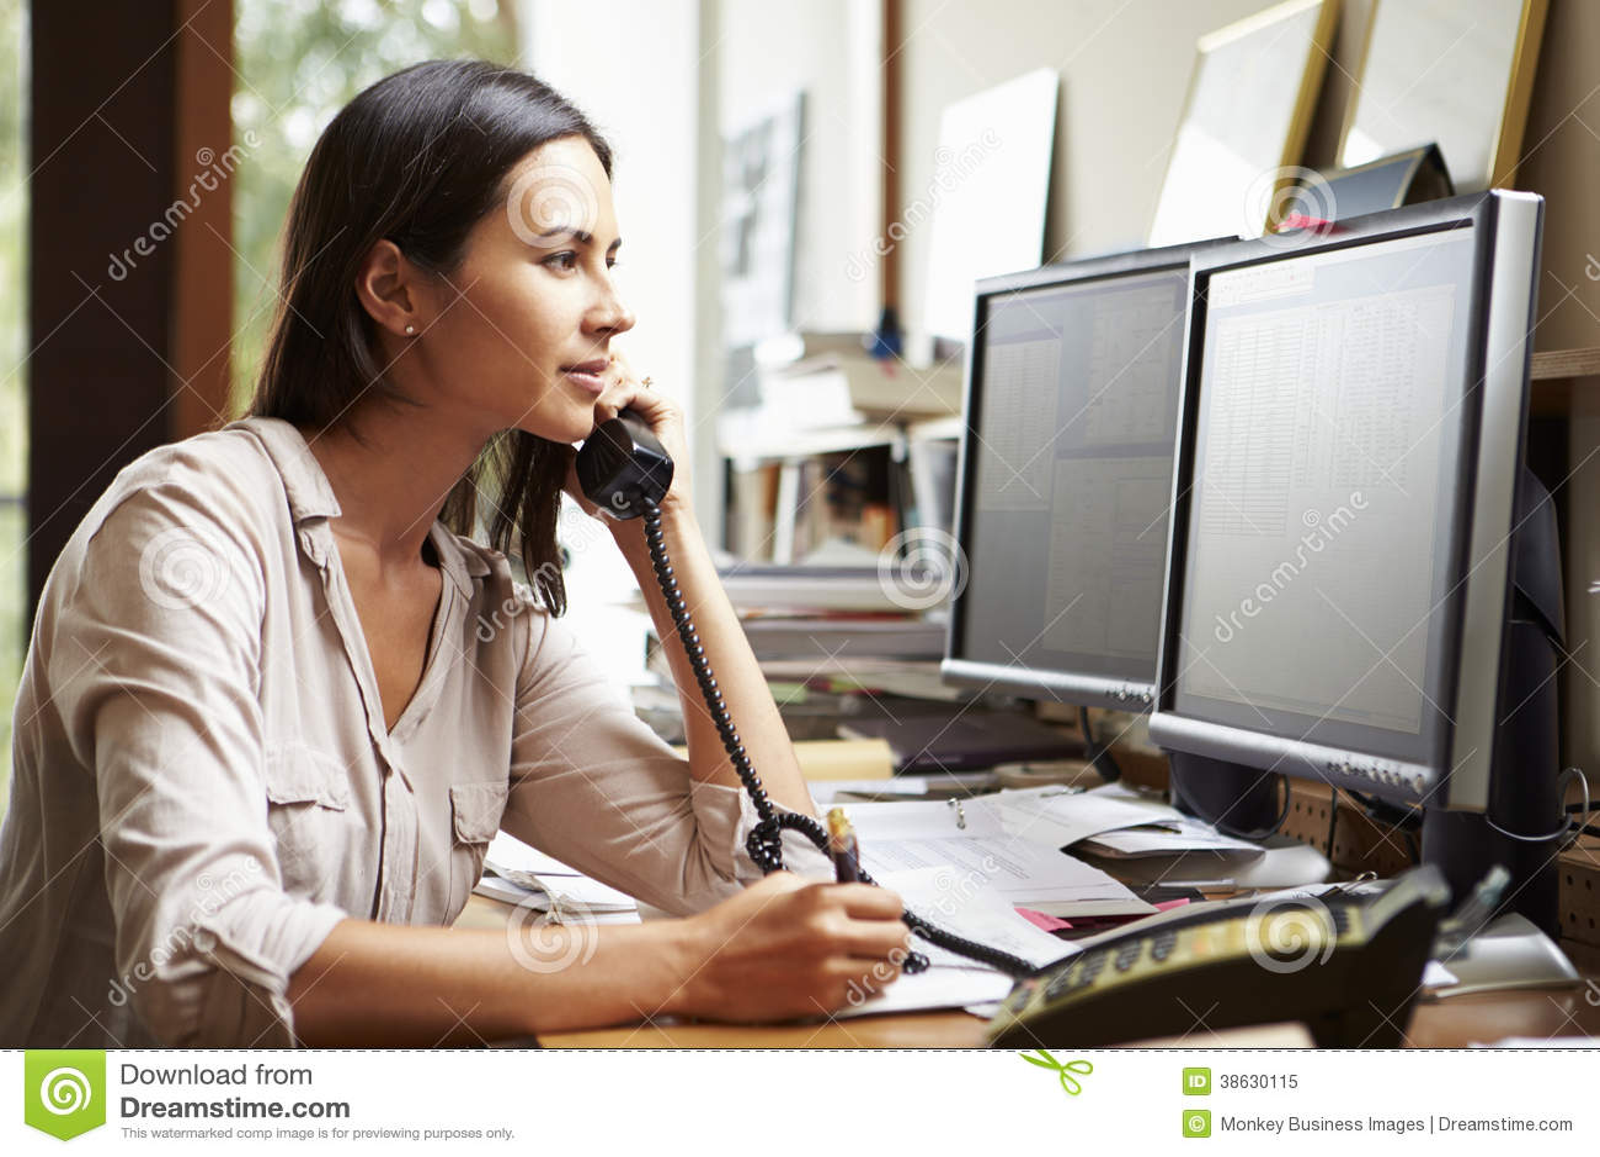 Weiblicher Architekt Working At Desk auf Computer